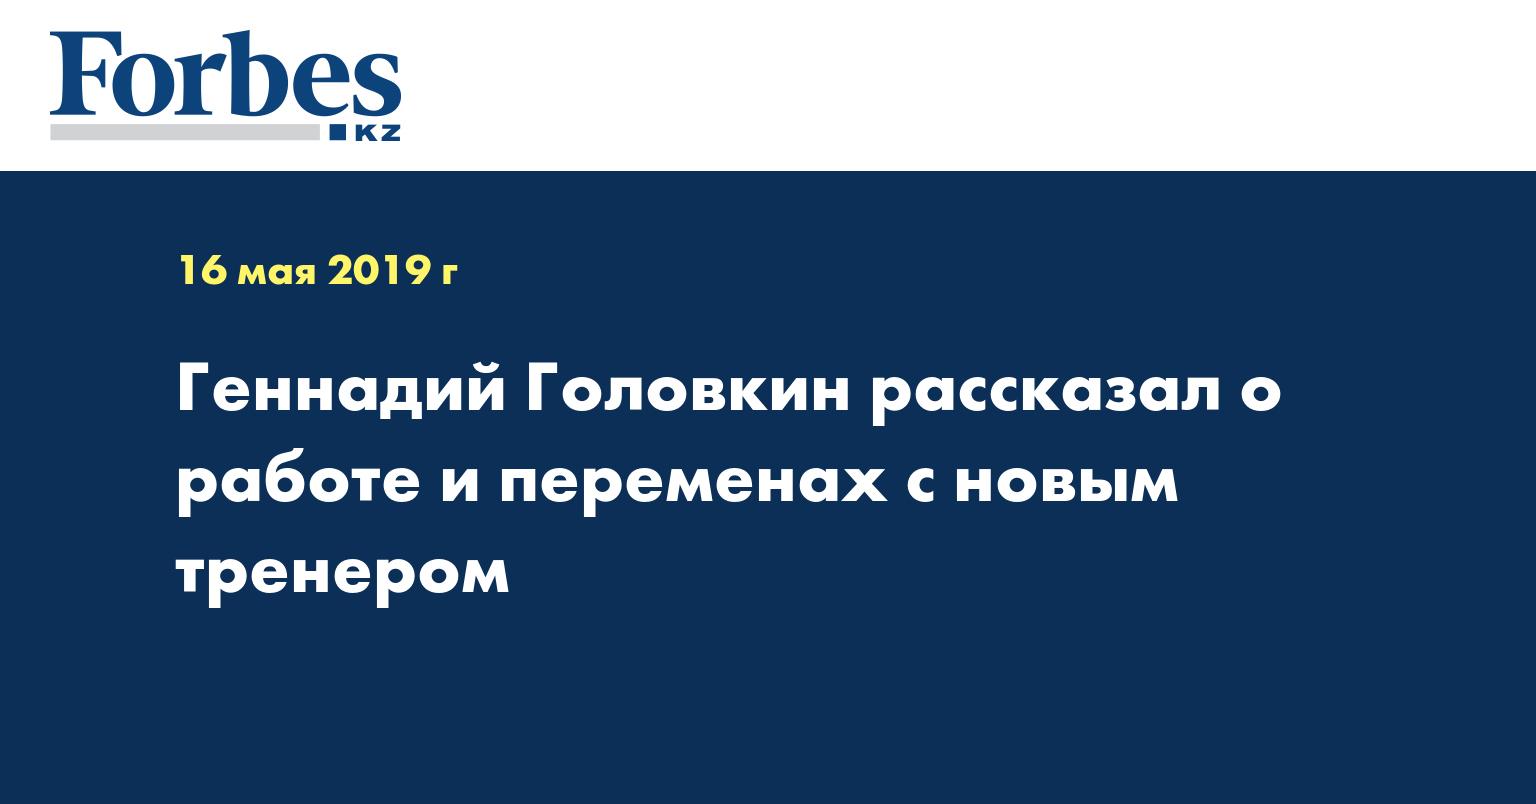 Геннадий Головкин рассказал о работе и переменах с новым тренером